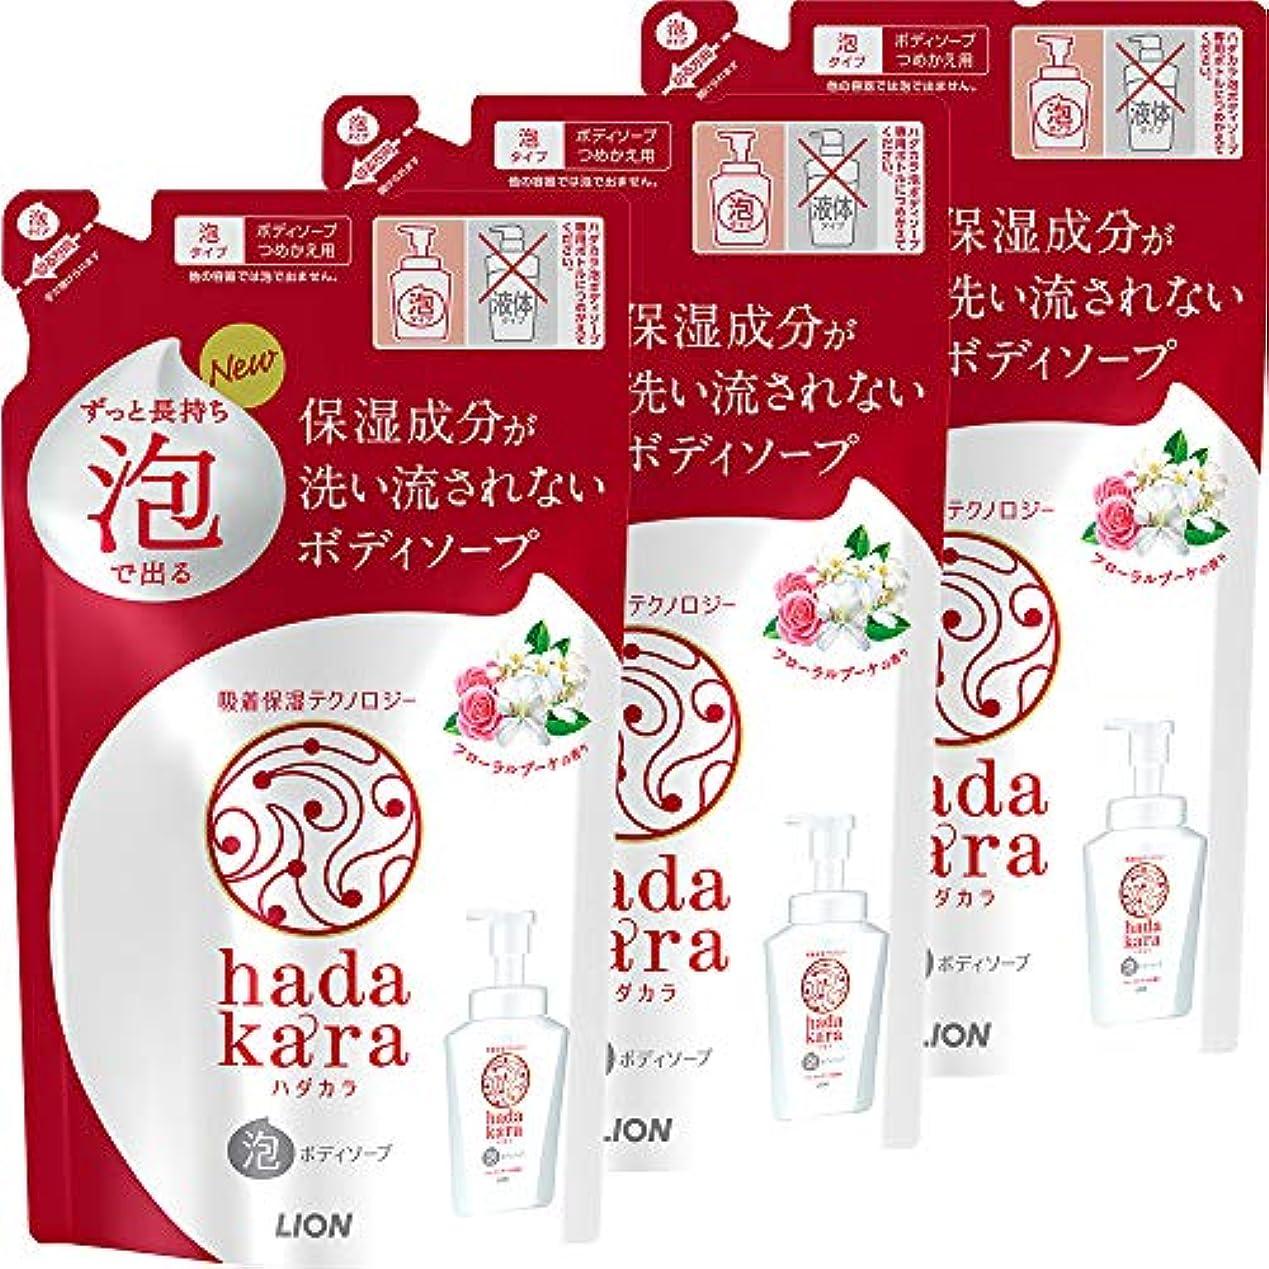 高揚した性的段階hadakara(ハダカラ) ボディソープ 泡タイプ フローラルブーケの香り 詰替440ml×3個